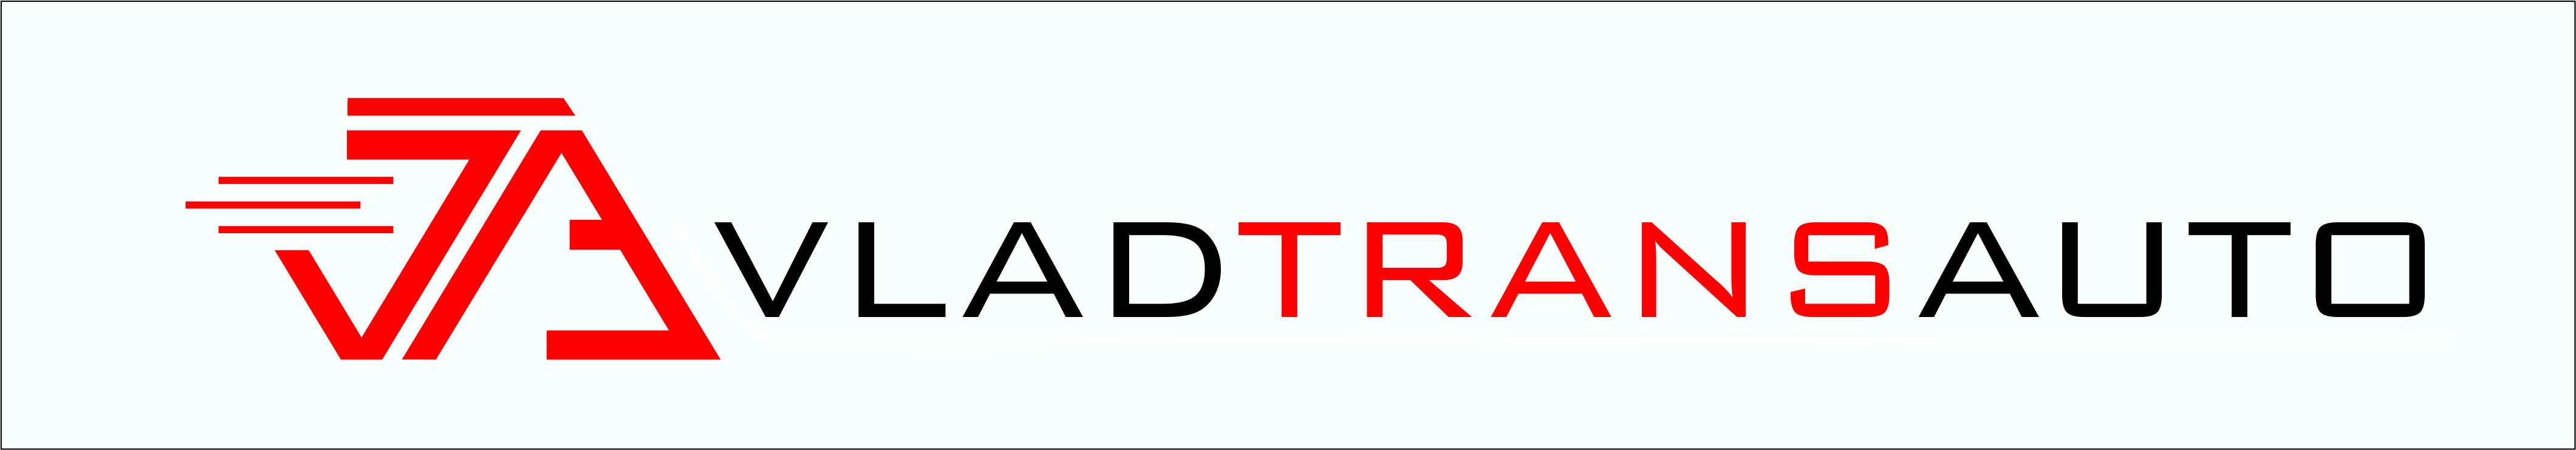 Логотип и фирменный стиль для транспортной компании Владтрансавто фото f_3125ce060528e0a1.jpg